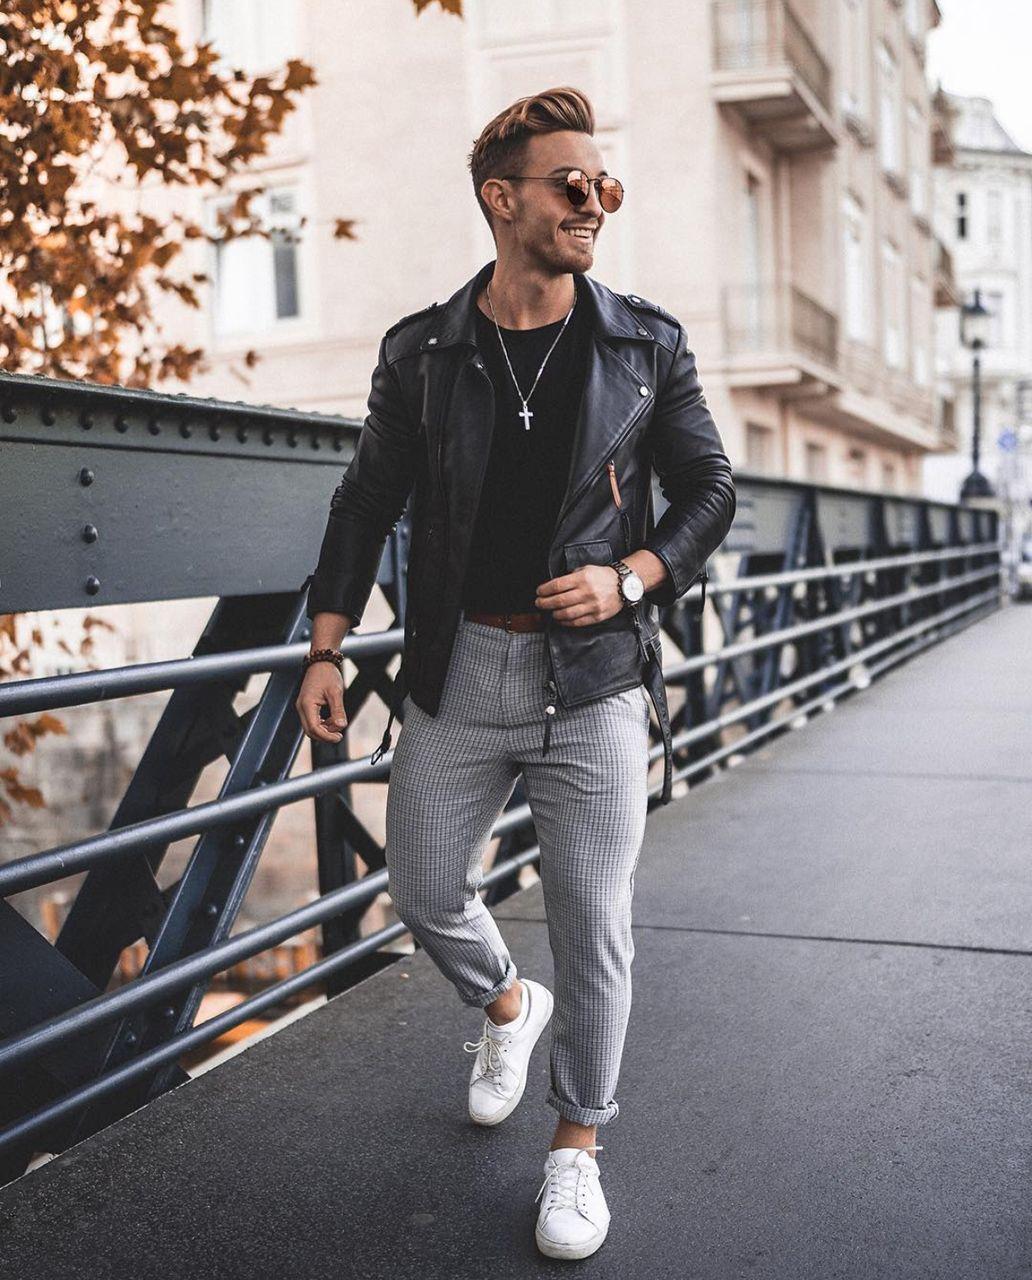 49b6ea7ed56 A jaqueta de couro Perfecto está em alta na Europa e promete ganhar força  aqui também. Vejam mais tendências de moda masculina outono inverno 2019 no  blog ...